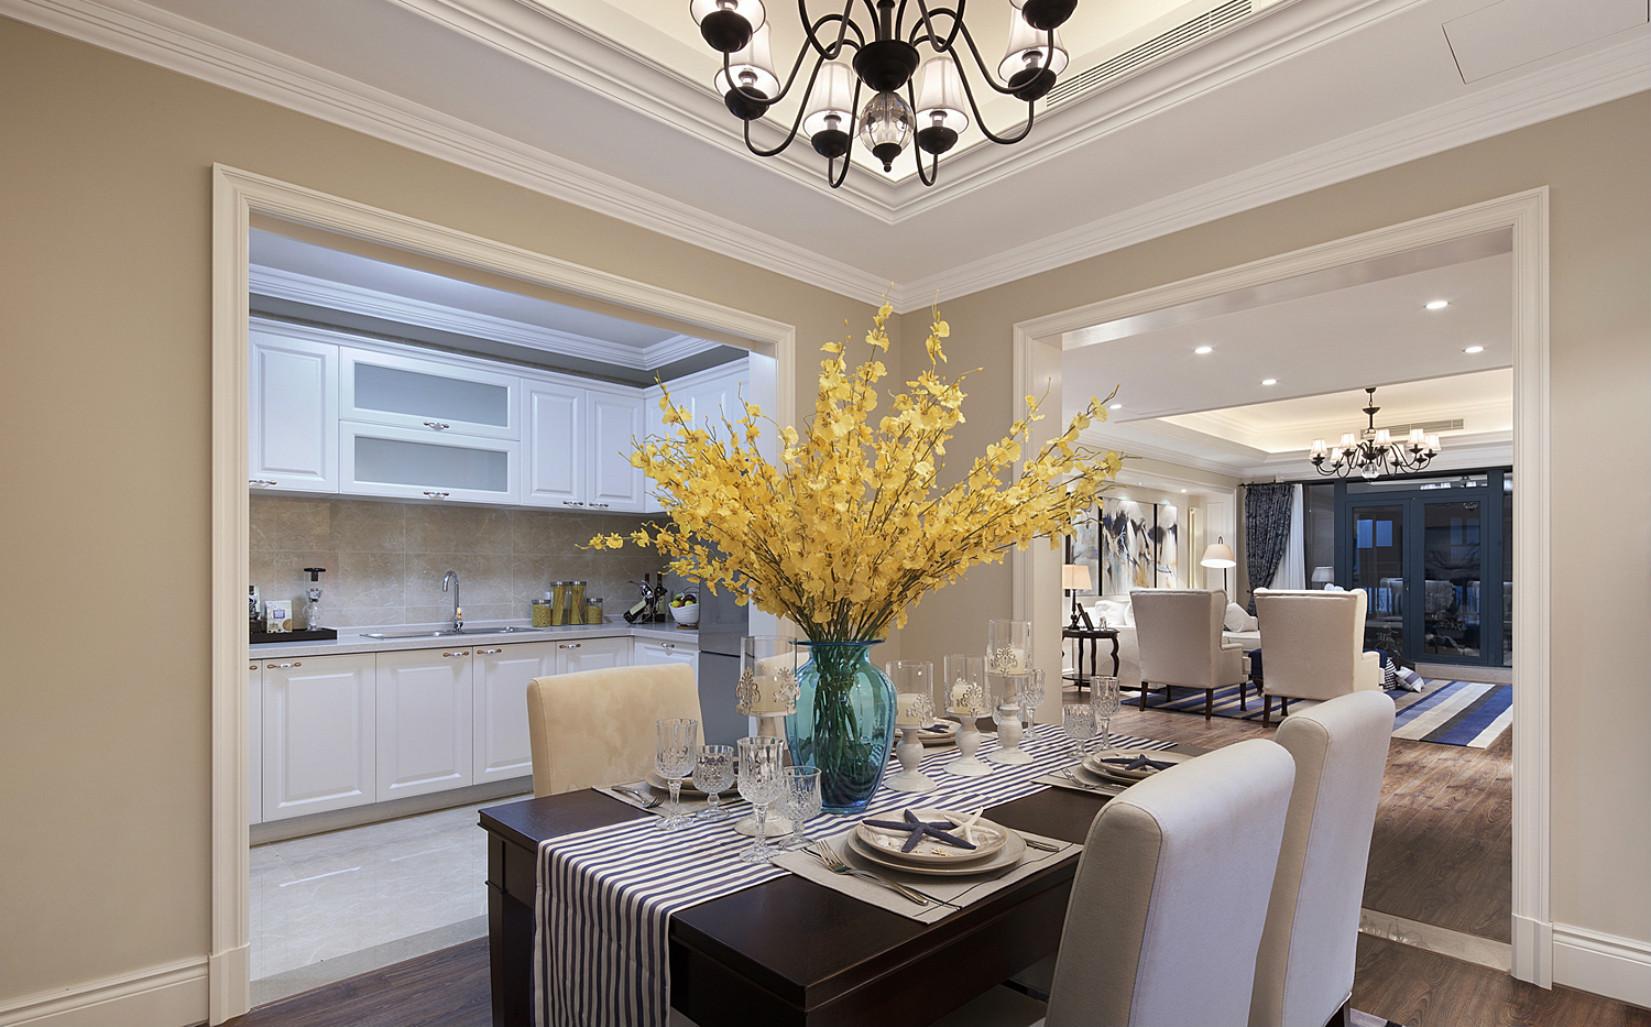 餐厅深色质感的餐椅搭配造型精美的吊灯,营造了舒心雅致的就餐氛围